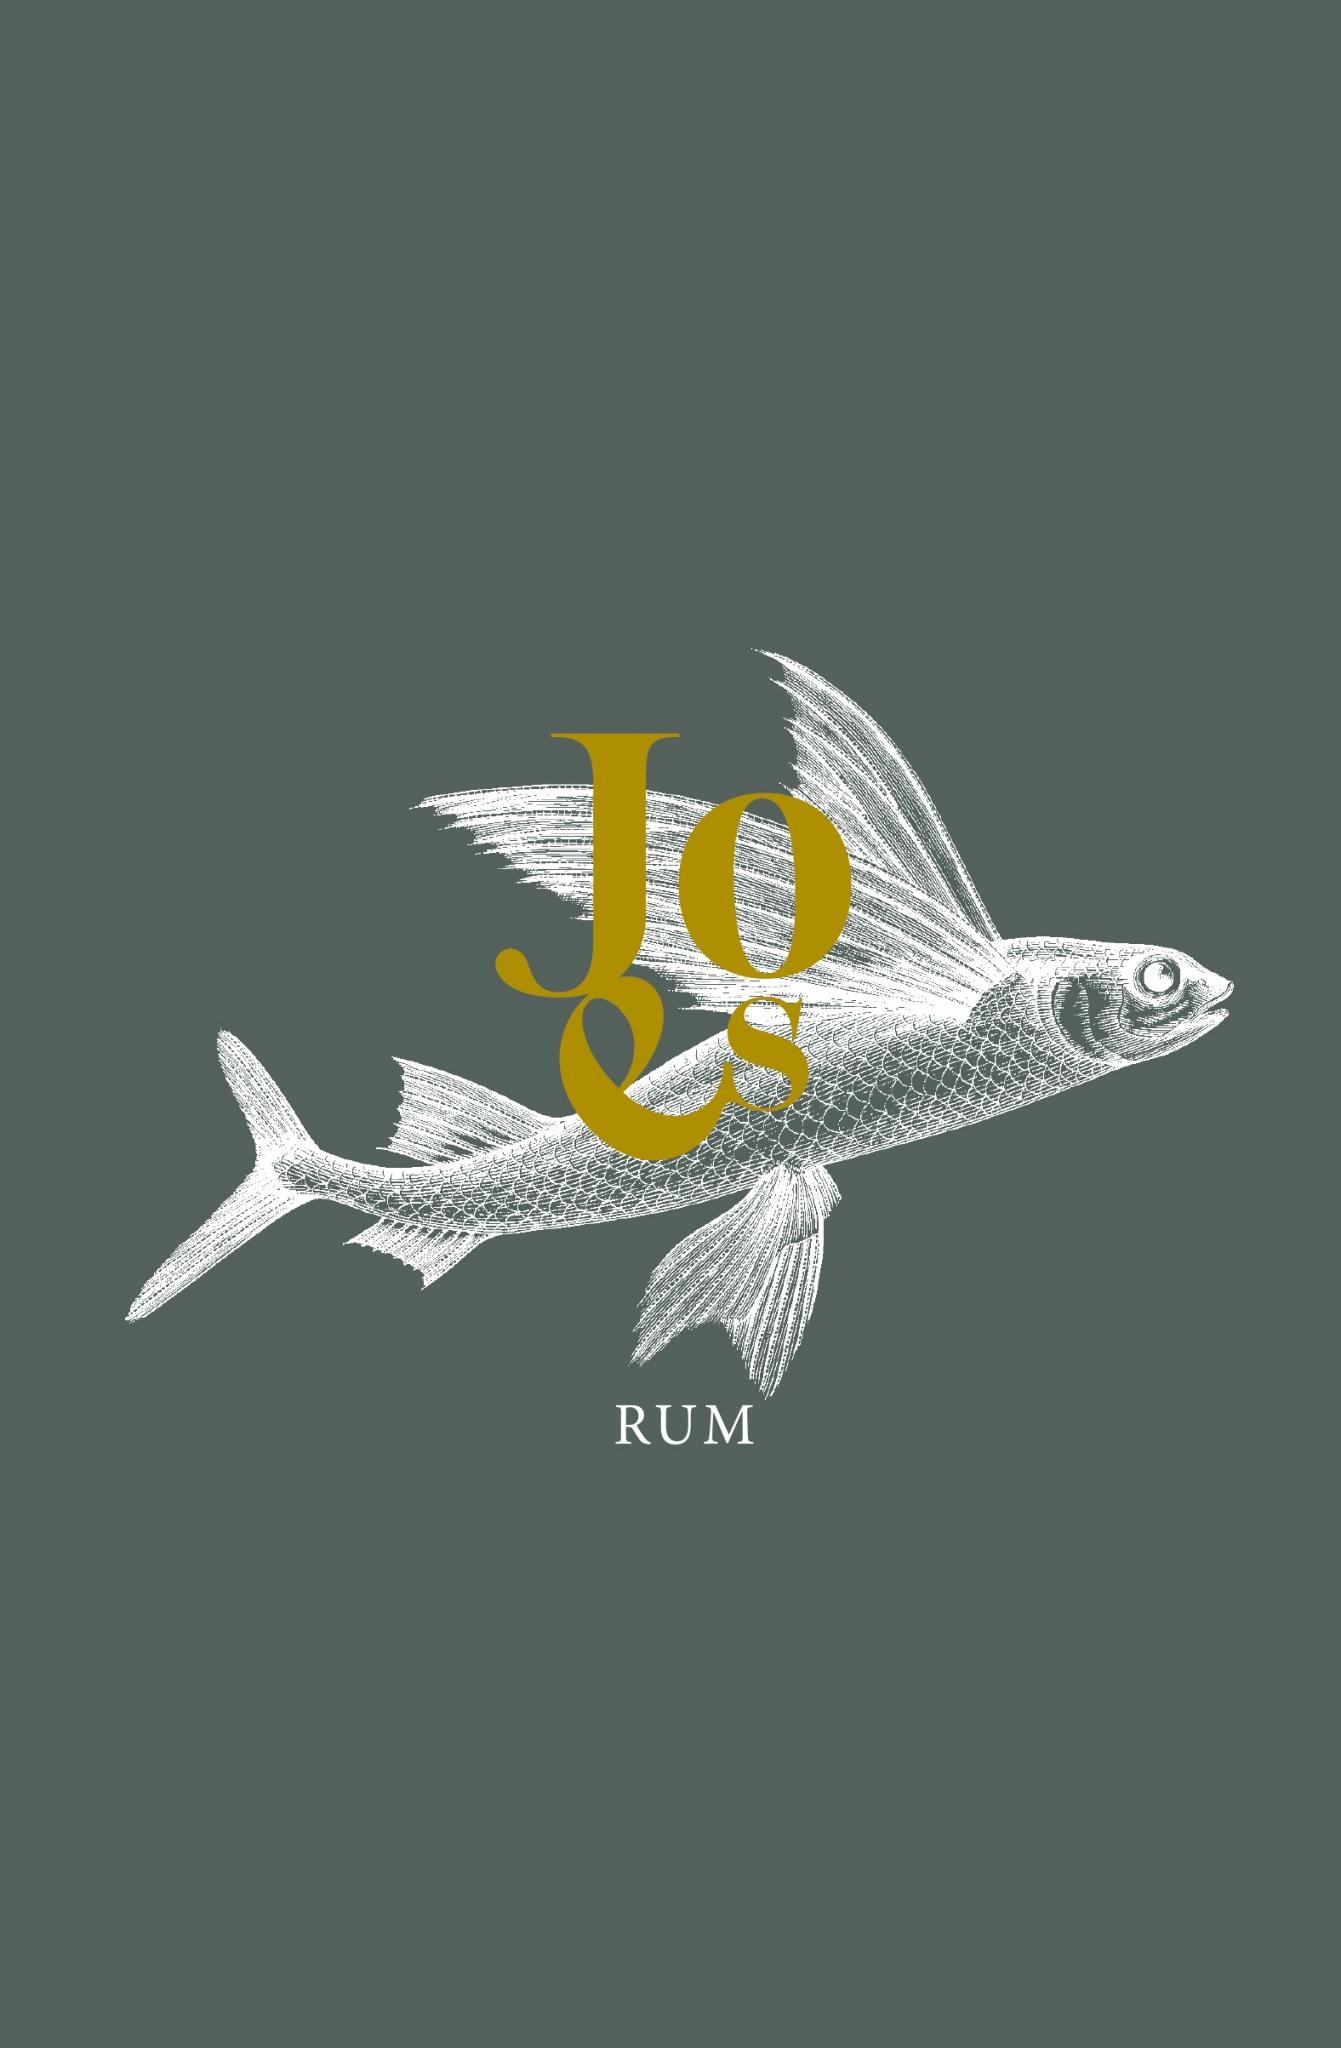 Joes Rum